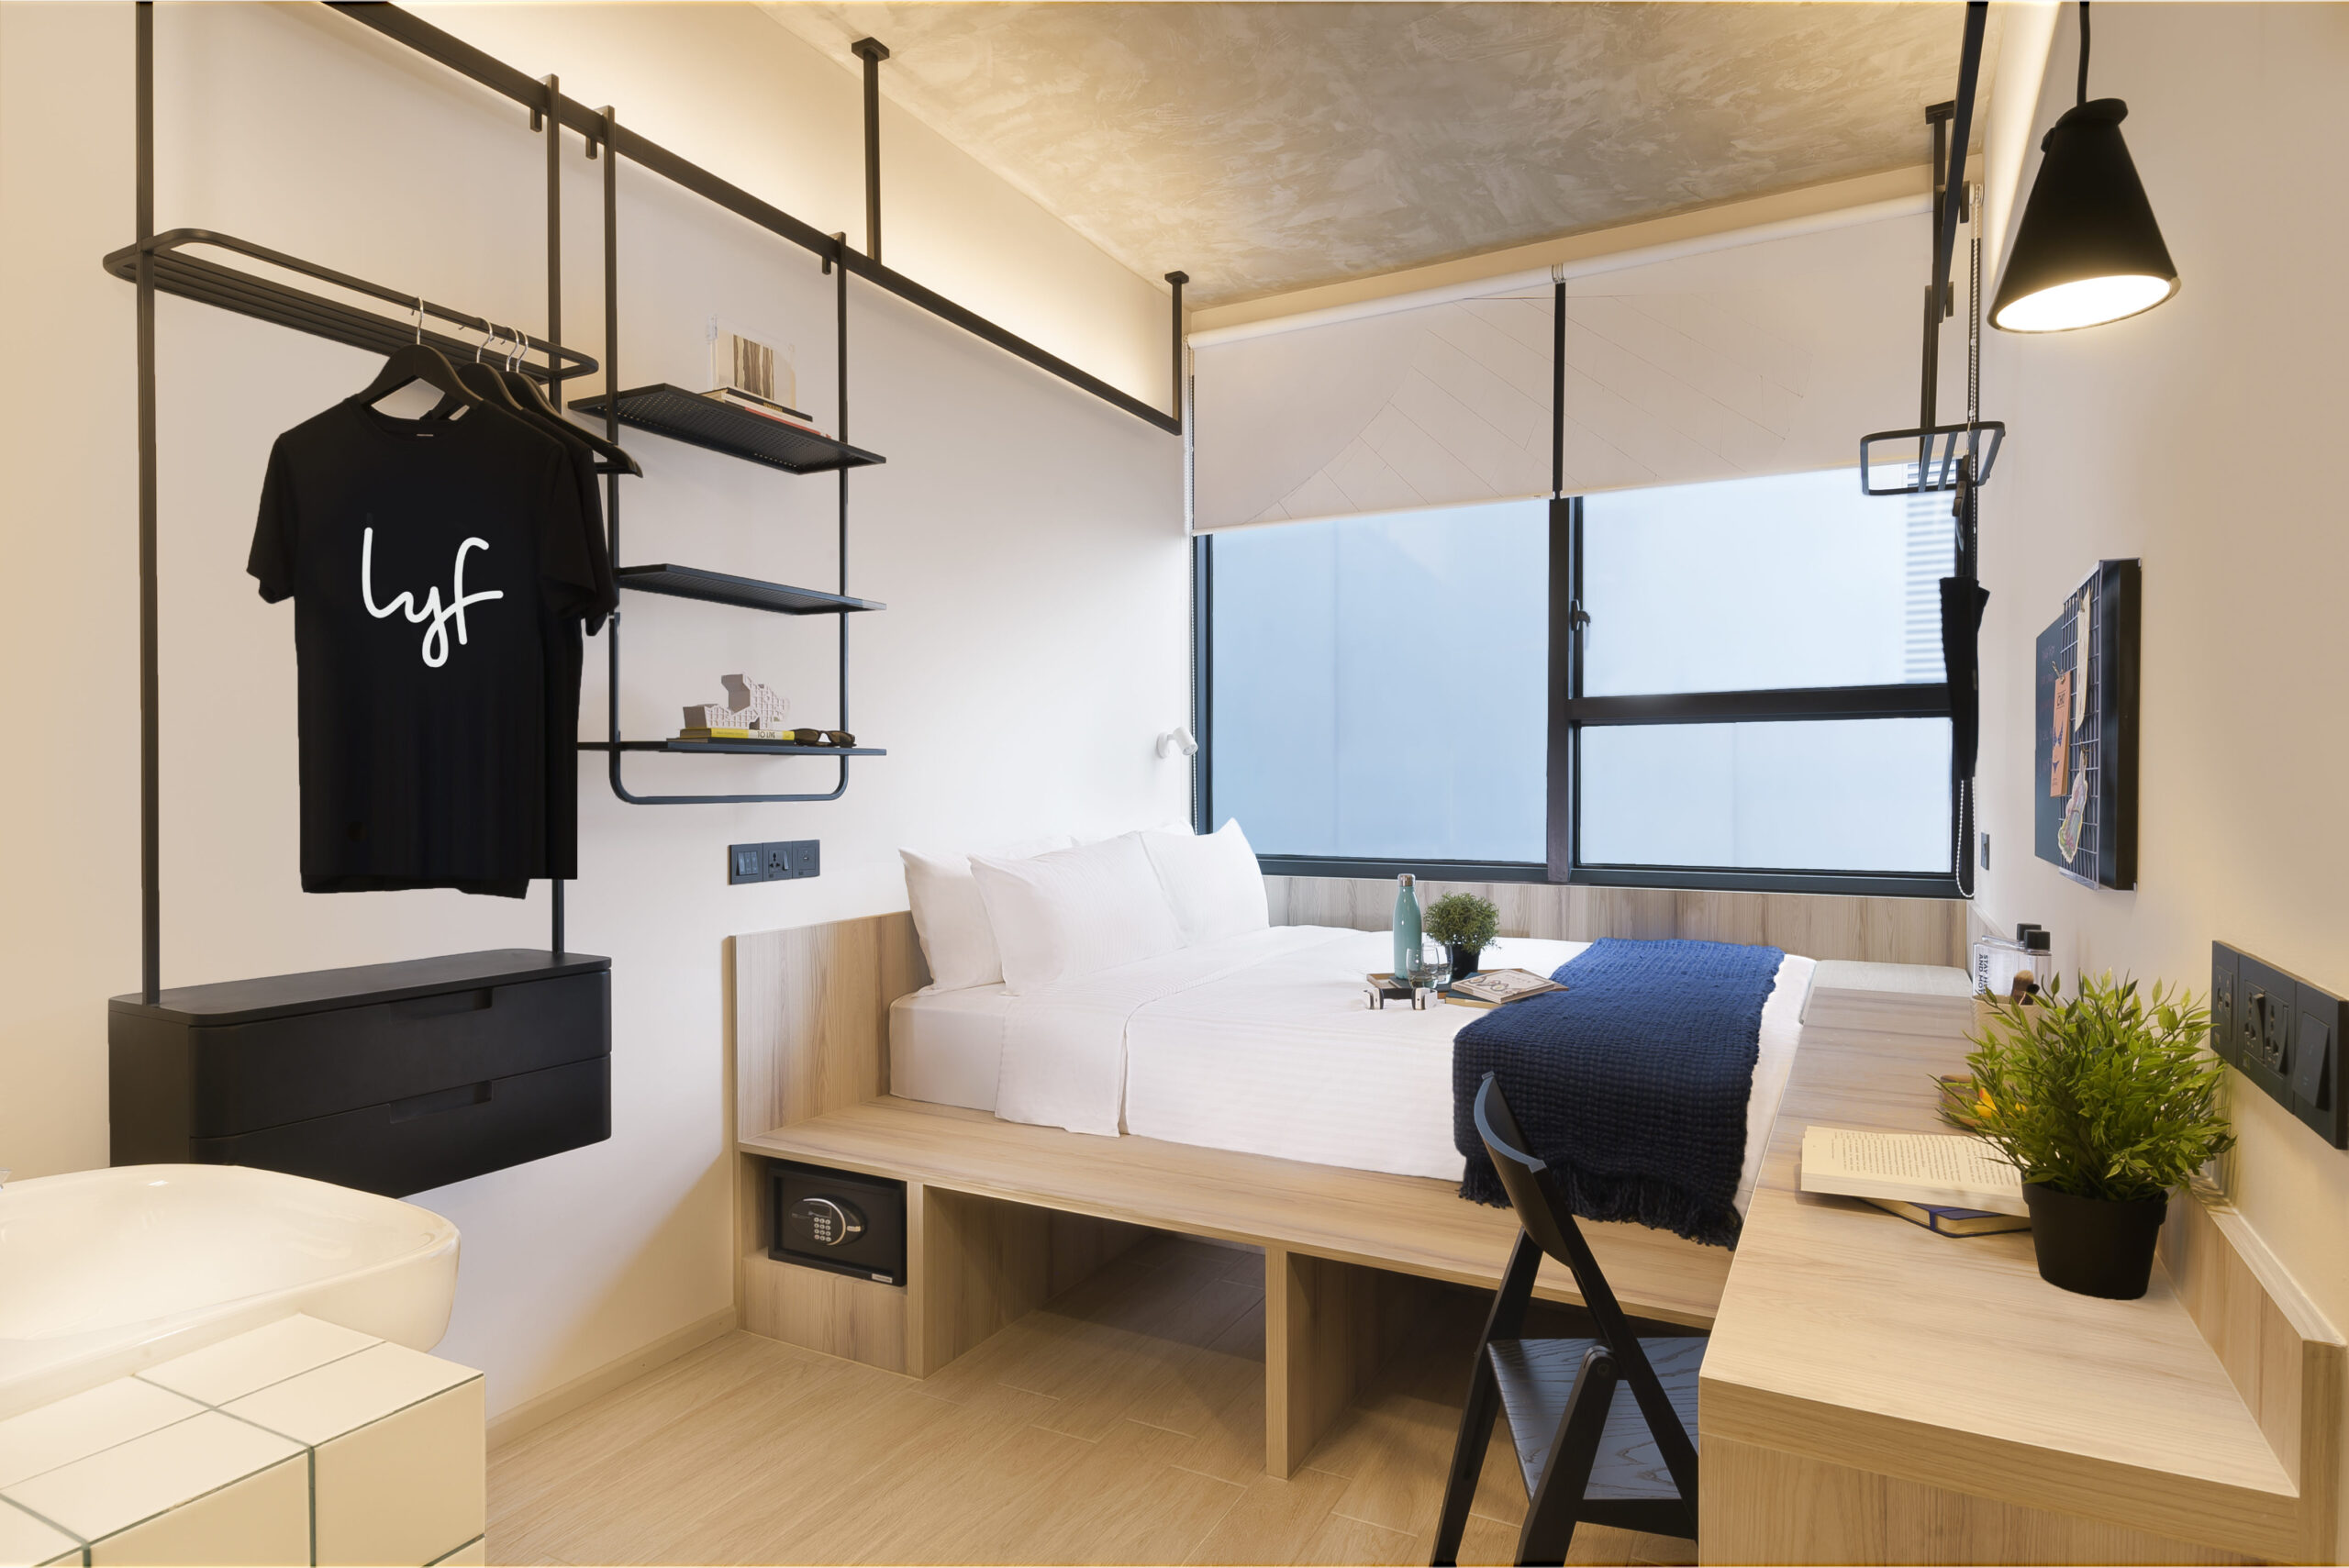 Work in Residence, Lyf Funan Singapore